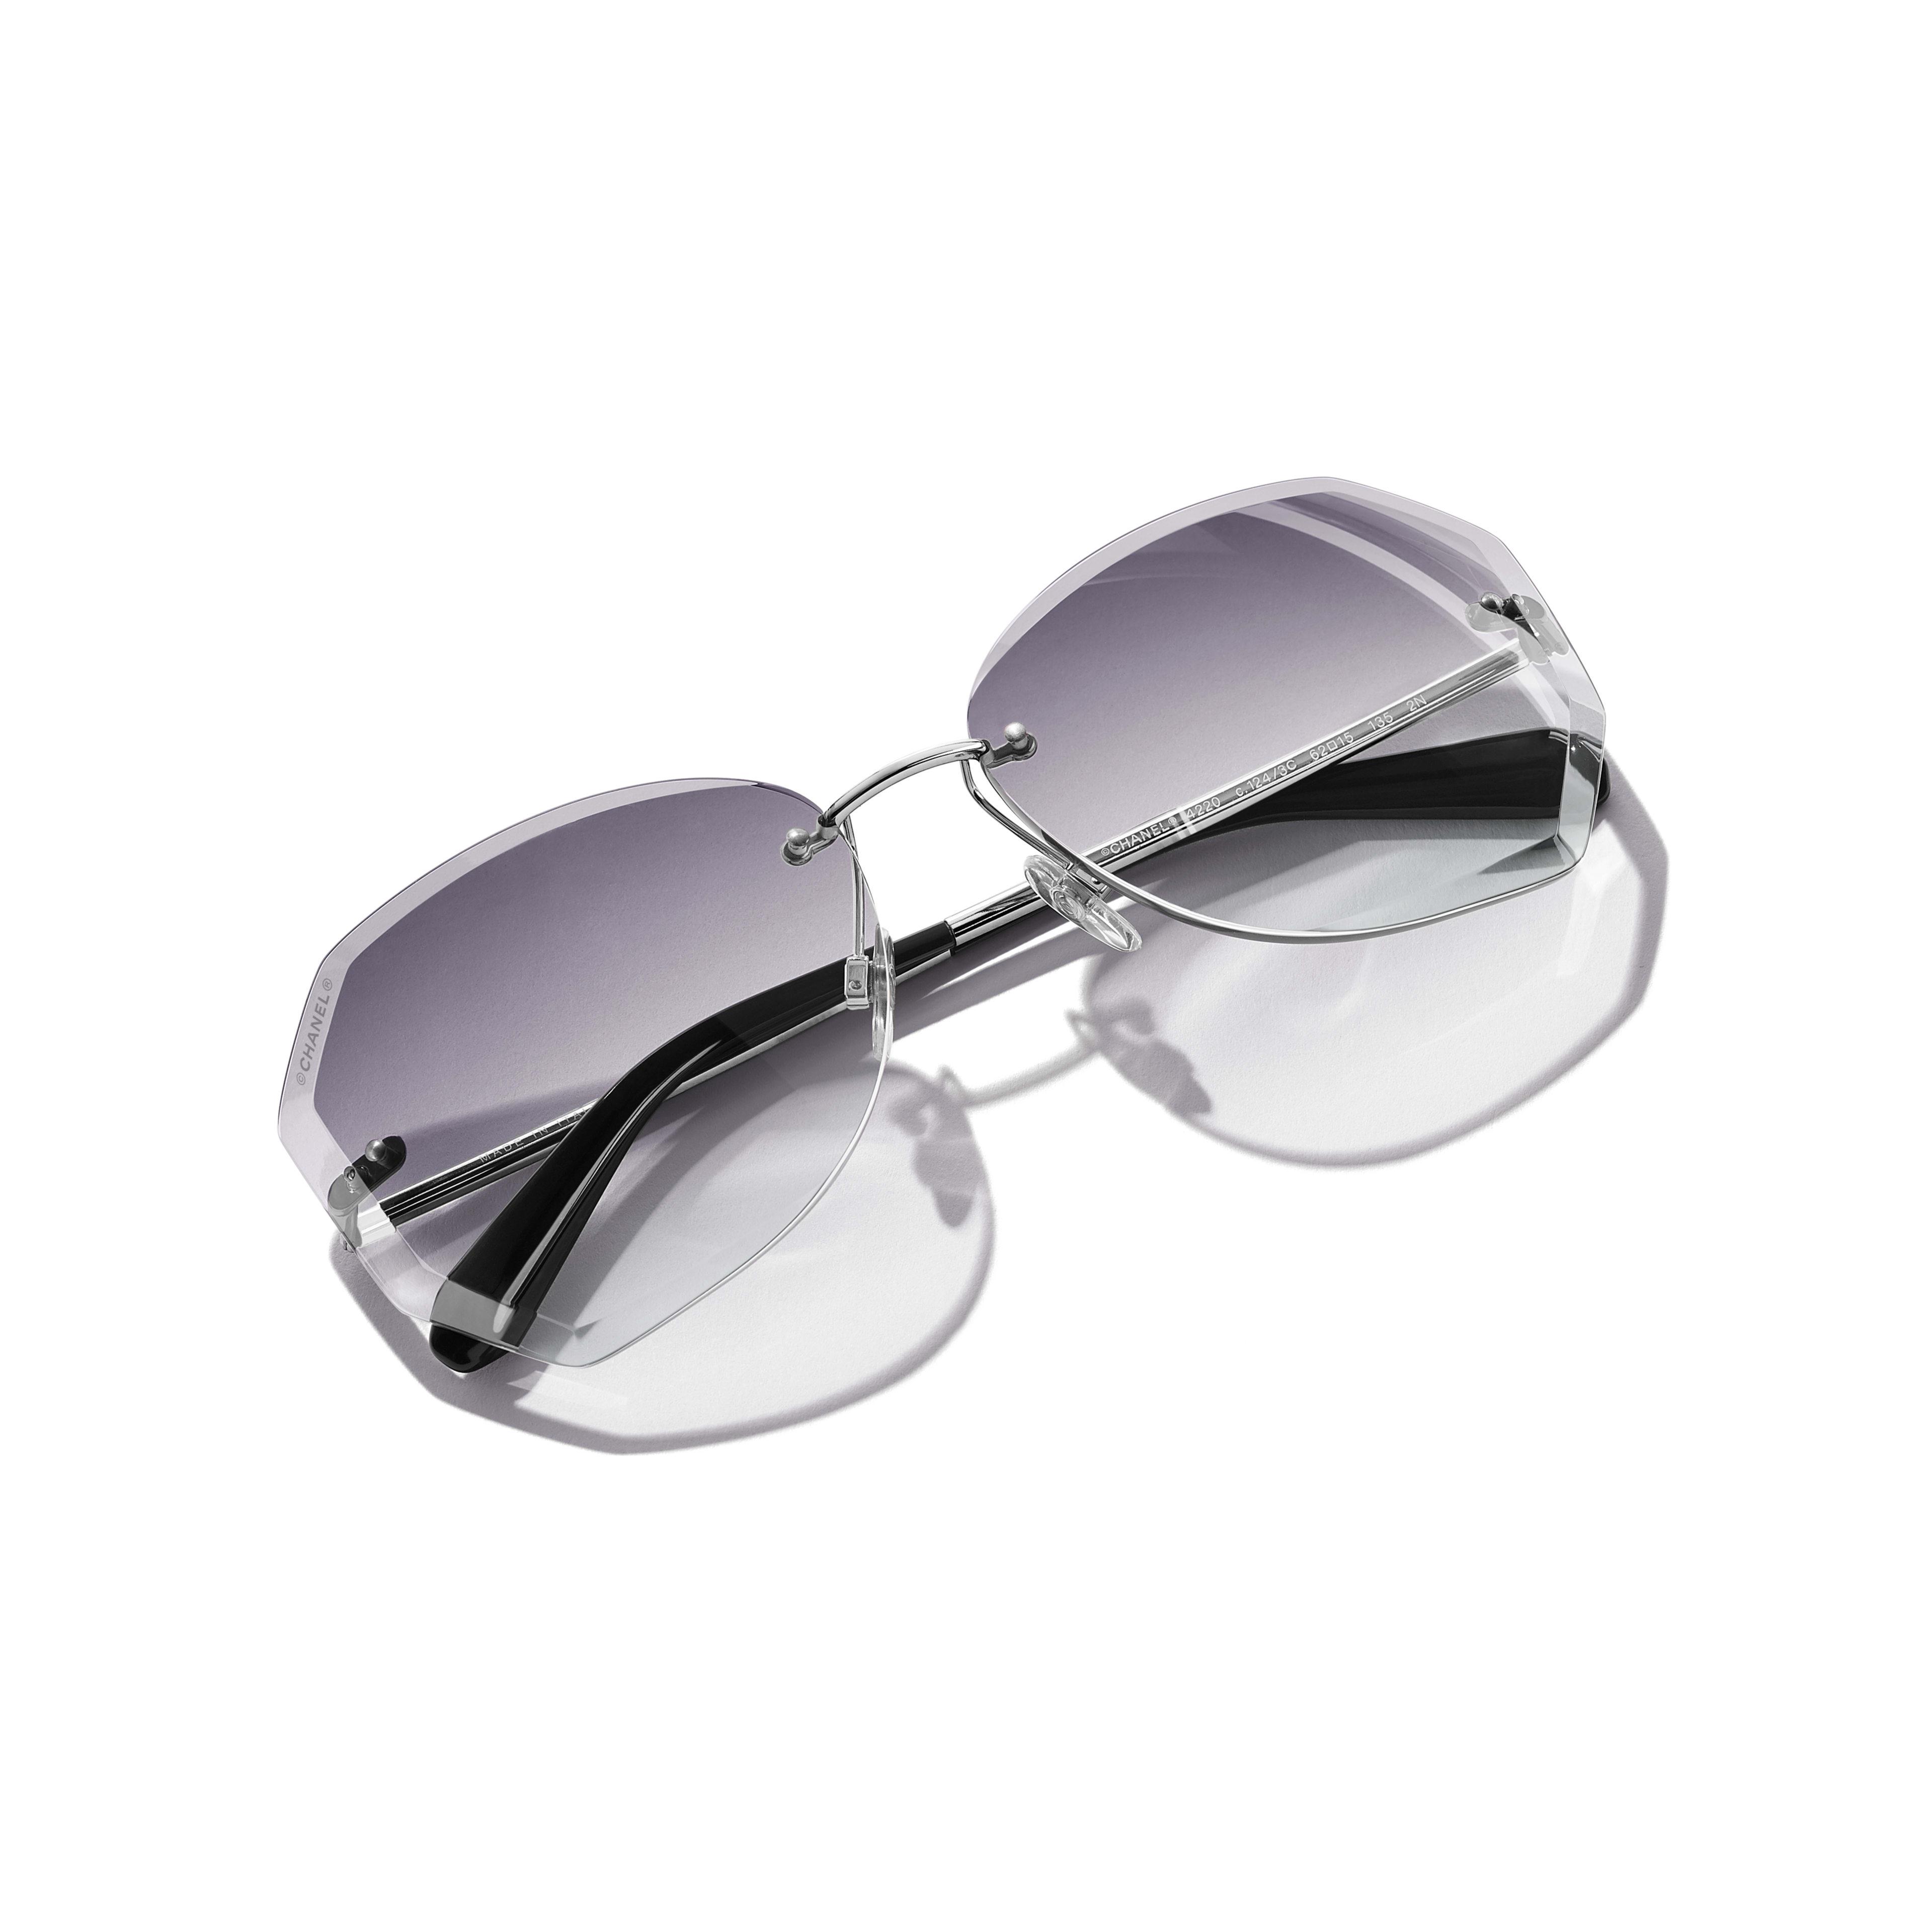 Солнцезащитные очки круглой формы - Серебристый и серый - Металл - Дополнительное изображение - посмотреть полноразмерное изображение